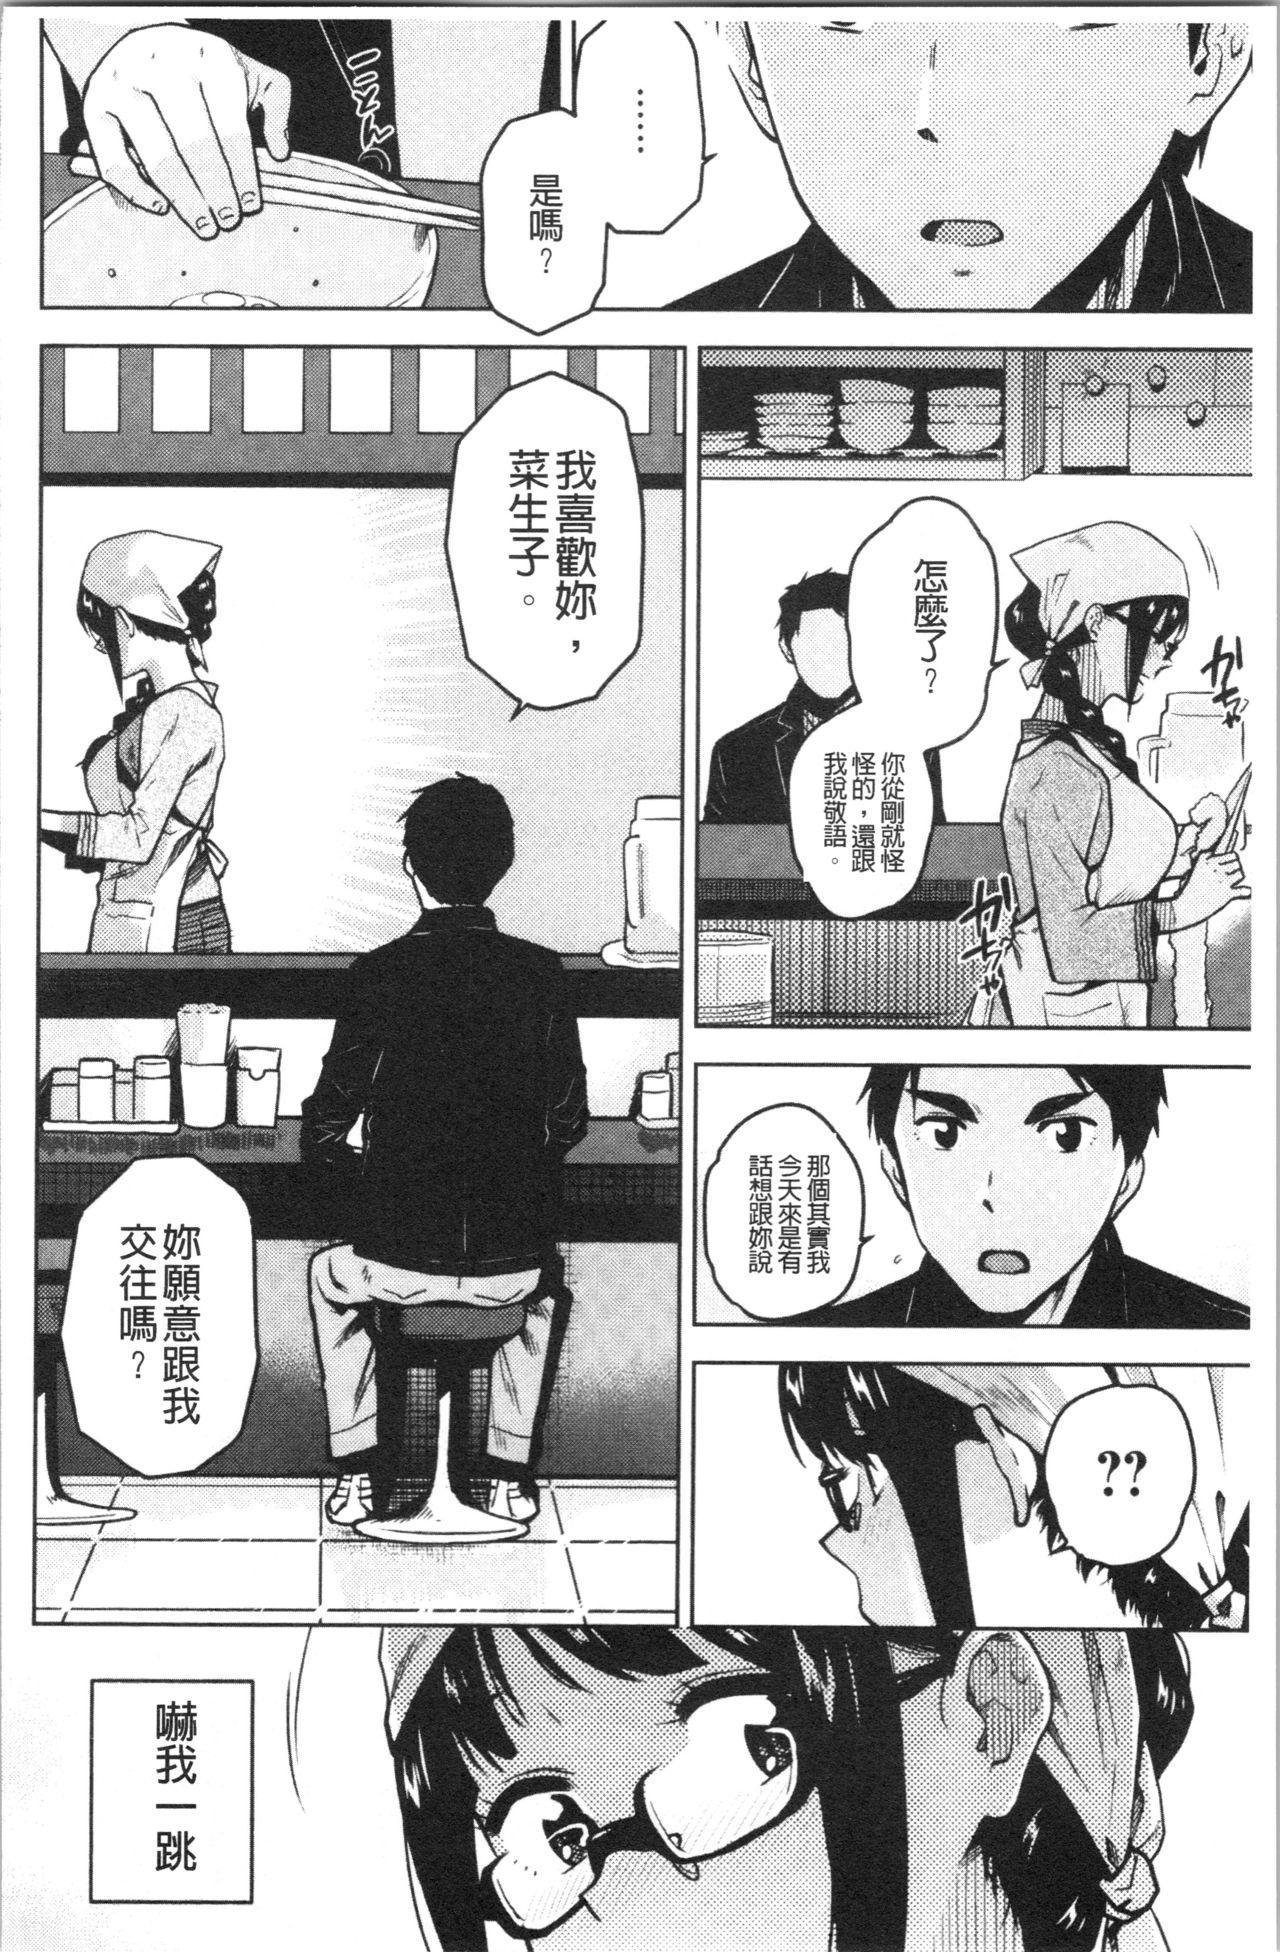 Motto Meshimase | 我們再多做幾次 145